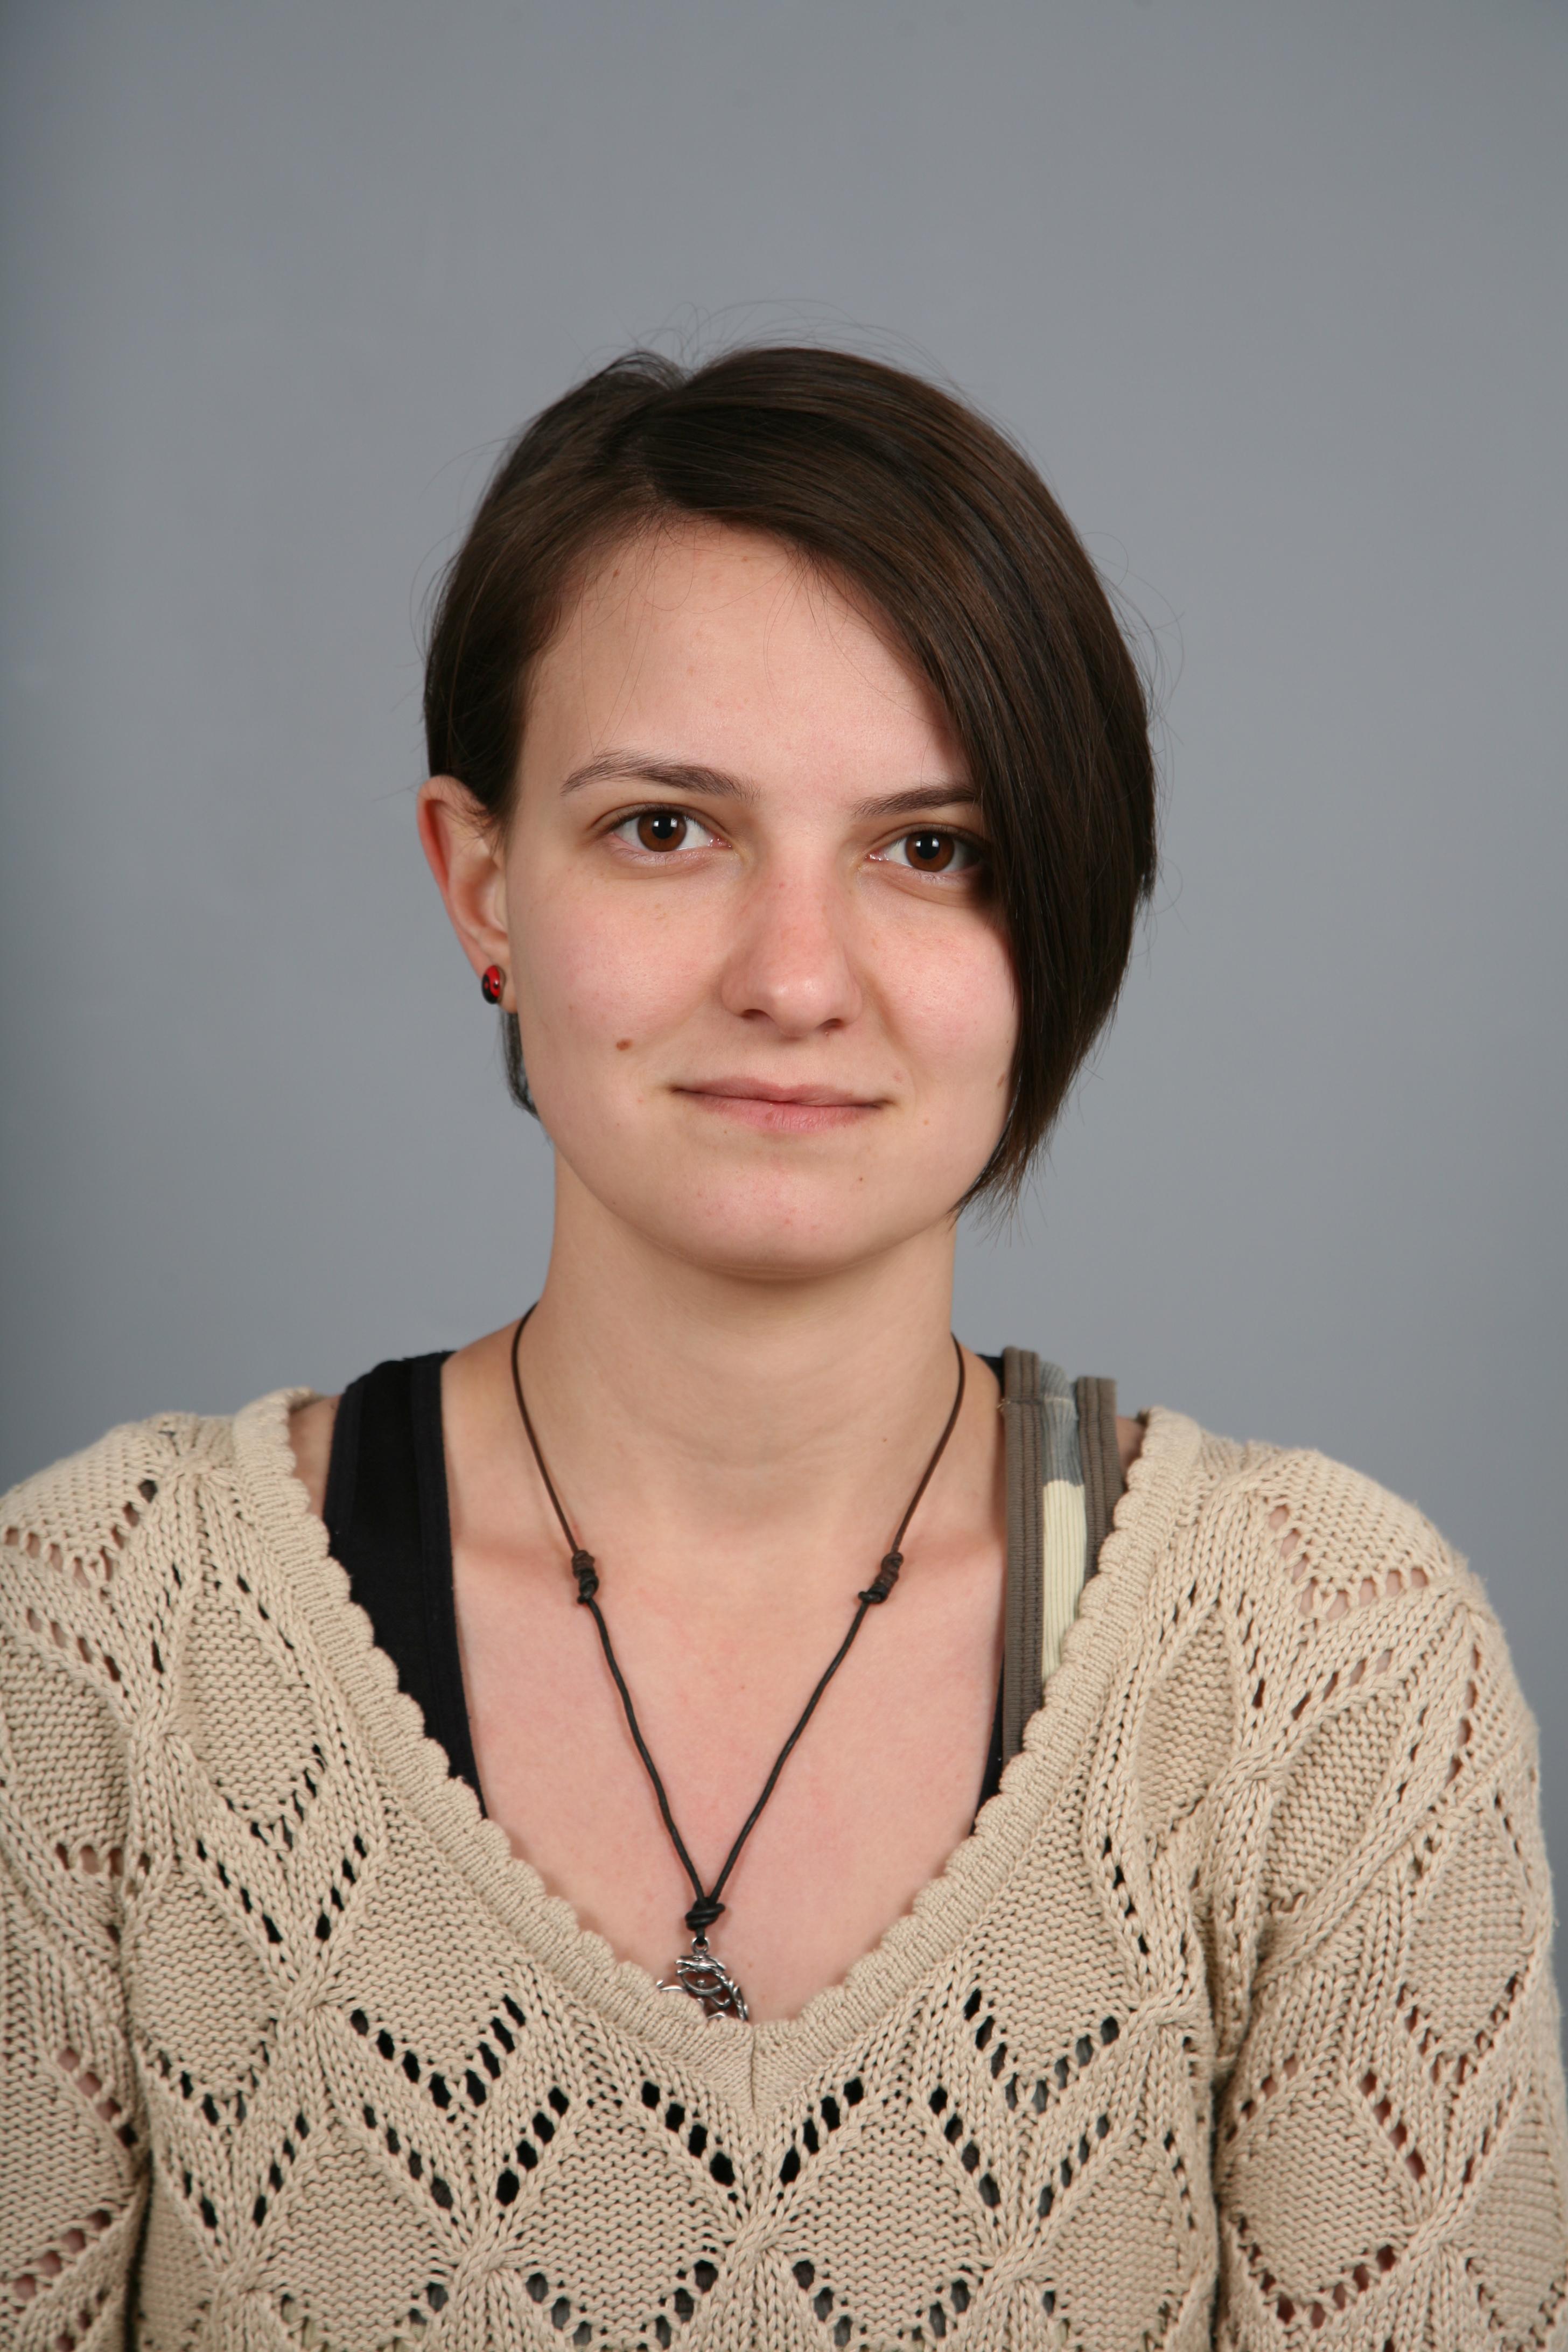 Bilana Mircheva